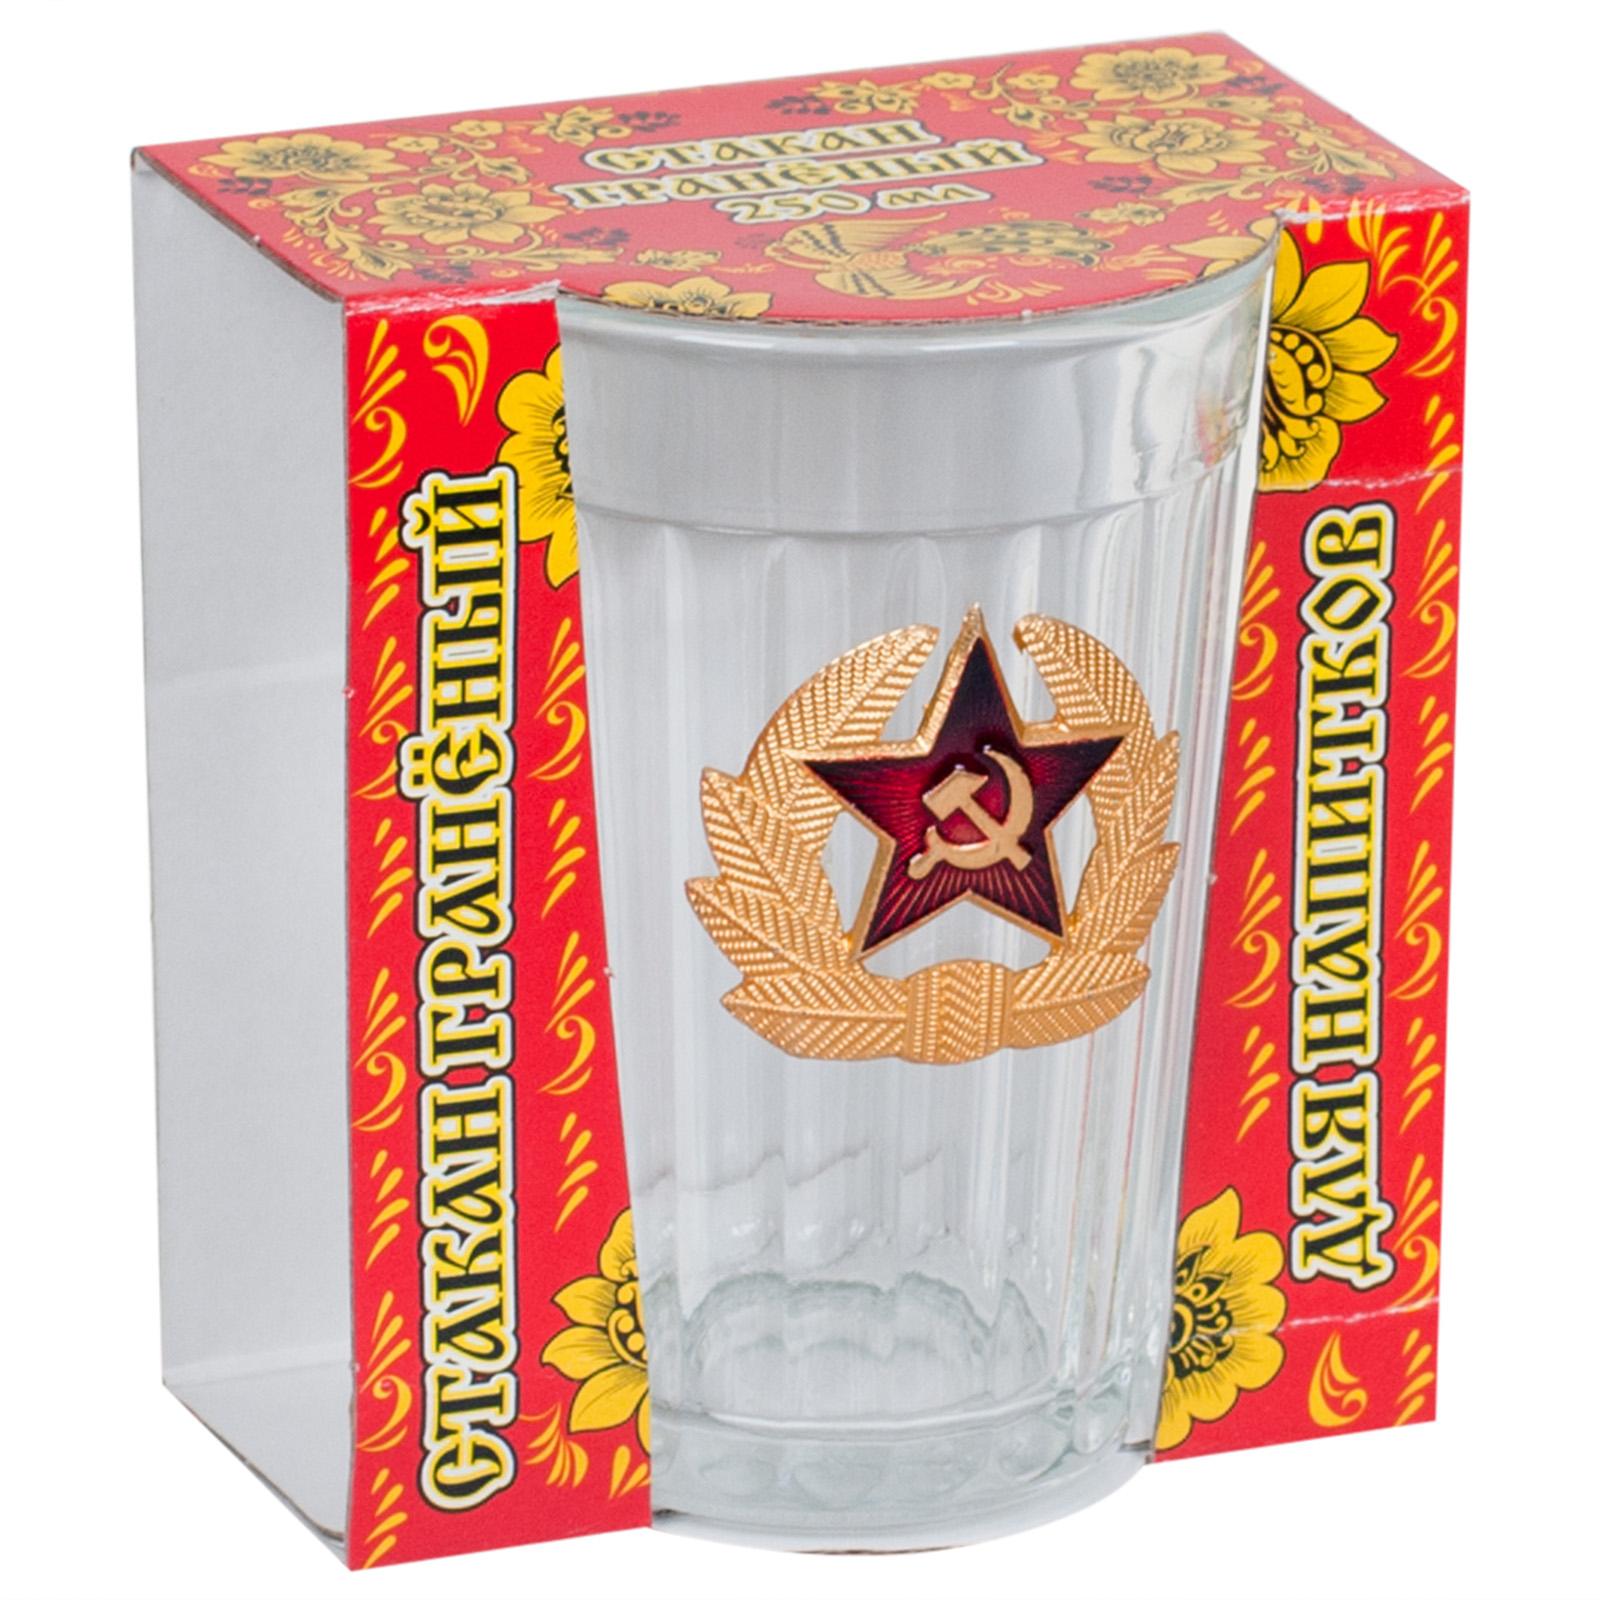 Прикольные подарки на 23 февраля – граненые стаканы СССР